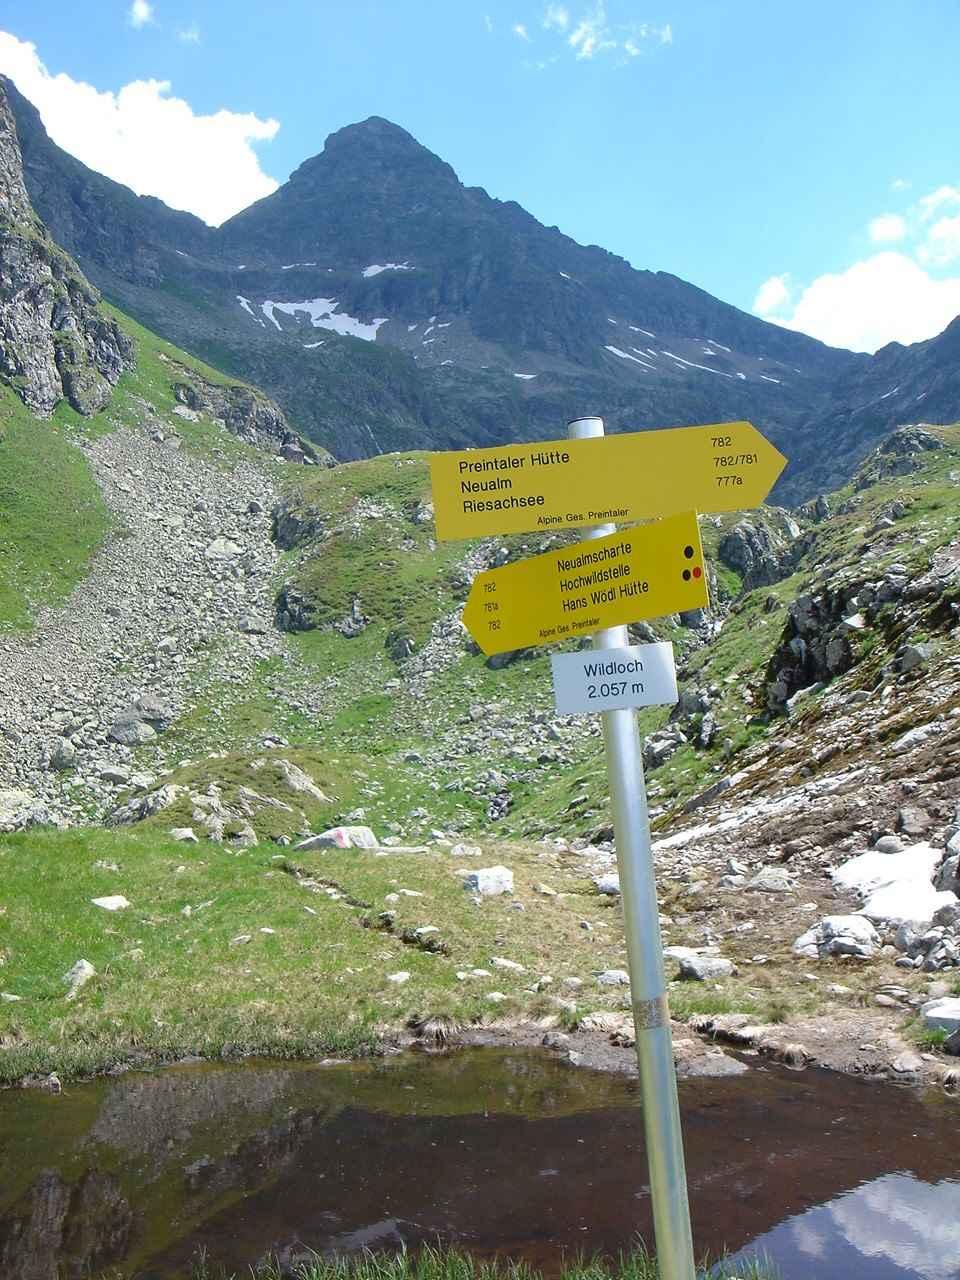 Foto: Manfred Karl / Wander Tour / Hochwildstelle-Überschreitung / 15.06.2007 23:09:41